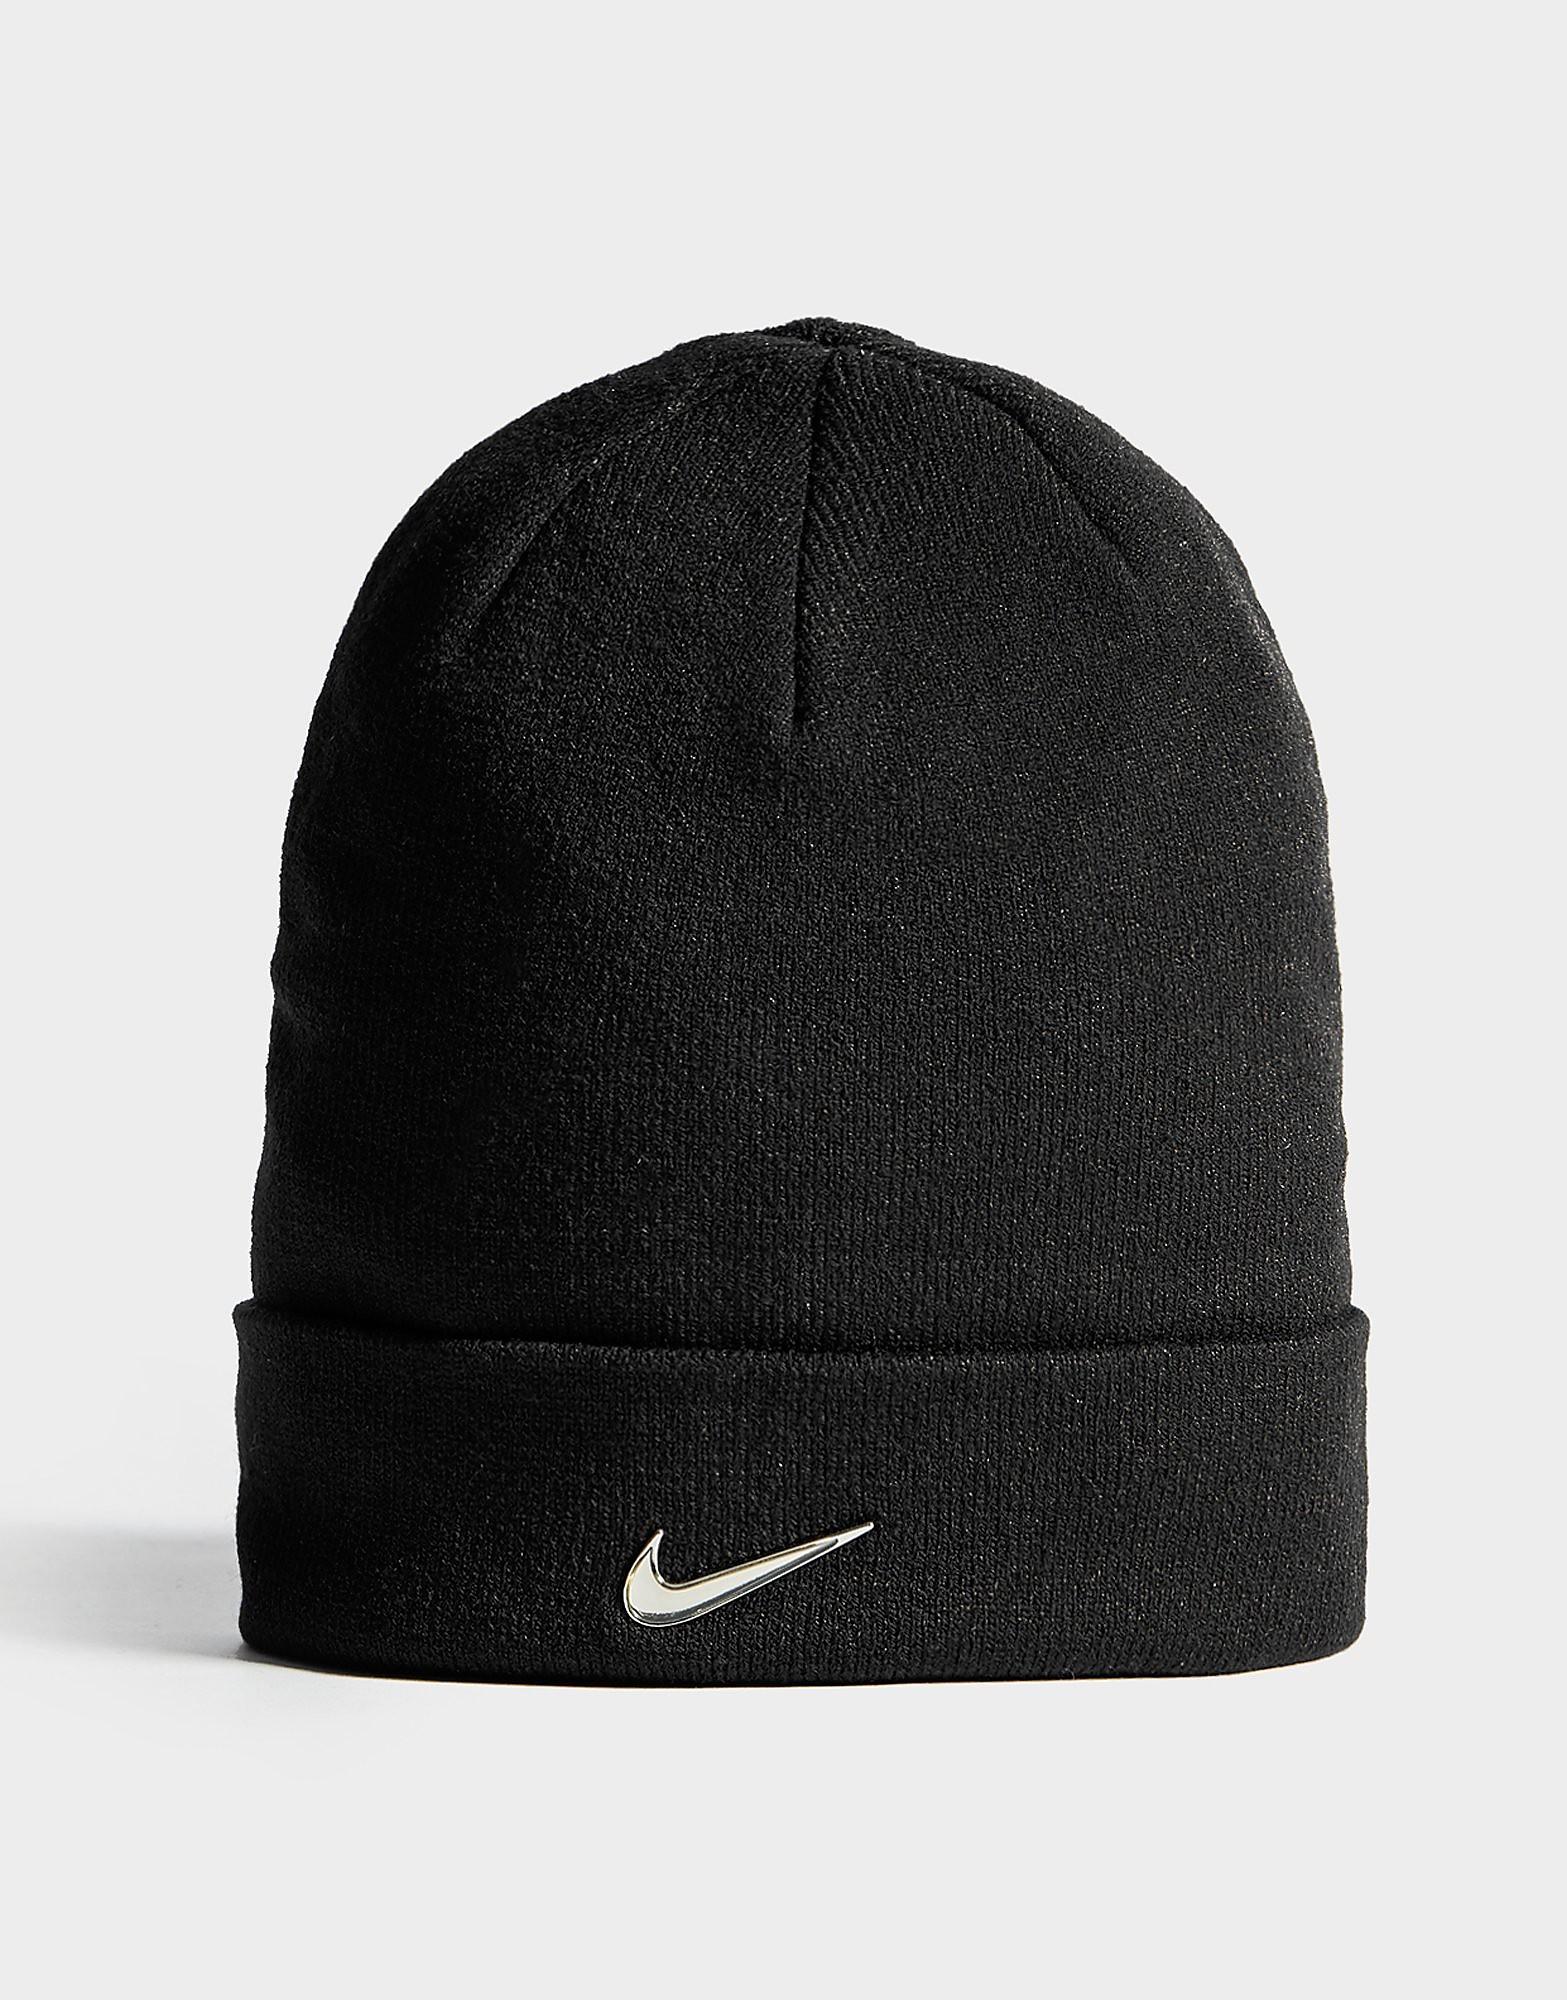 Nike Swoosh Beanie Hat